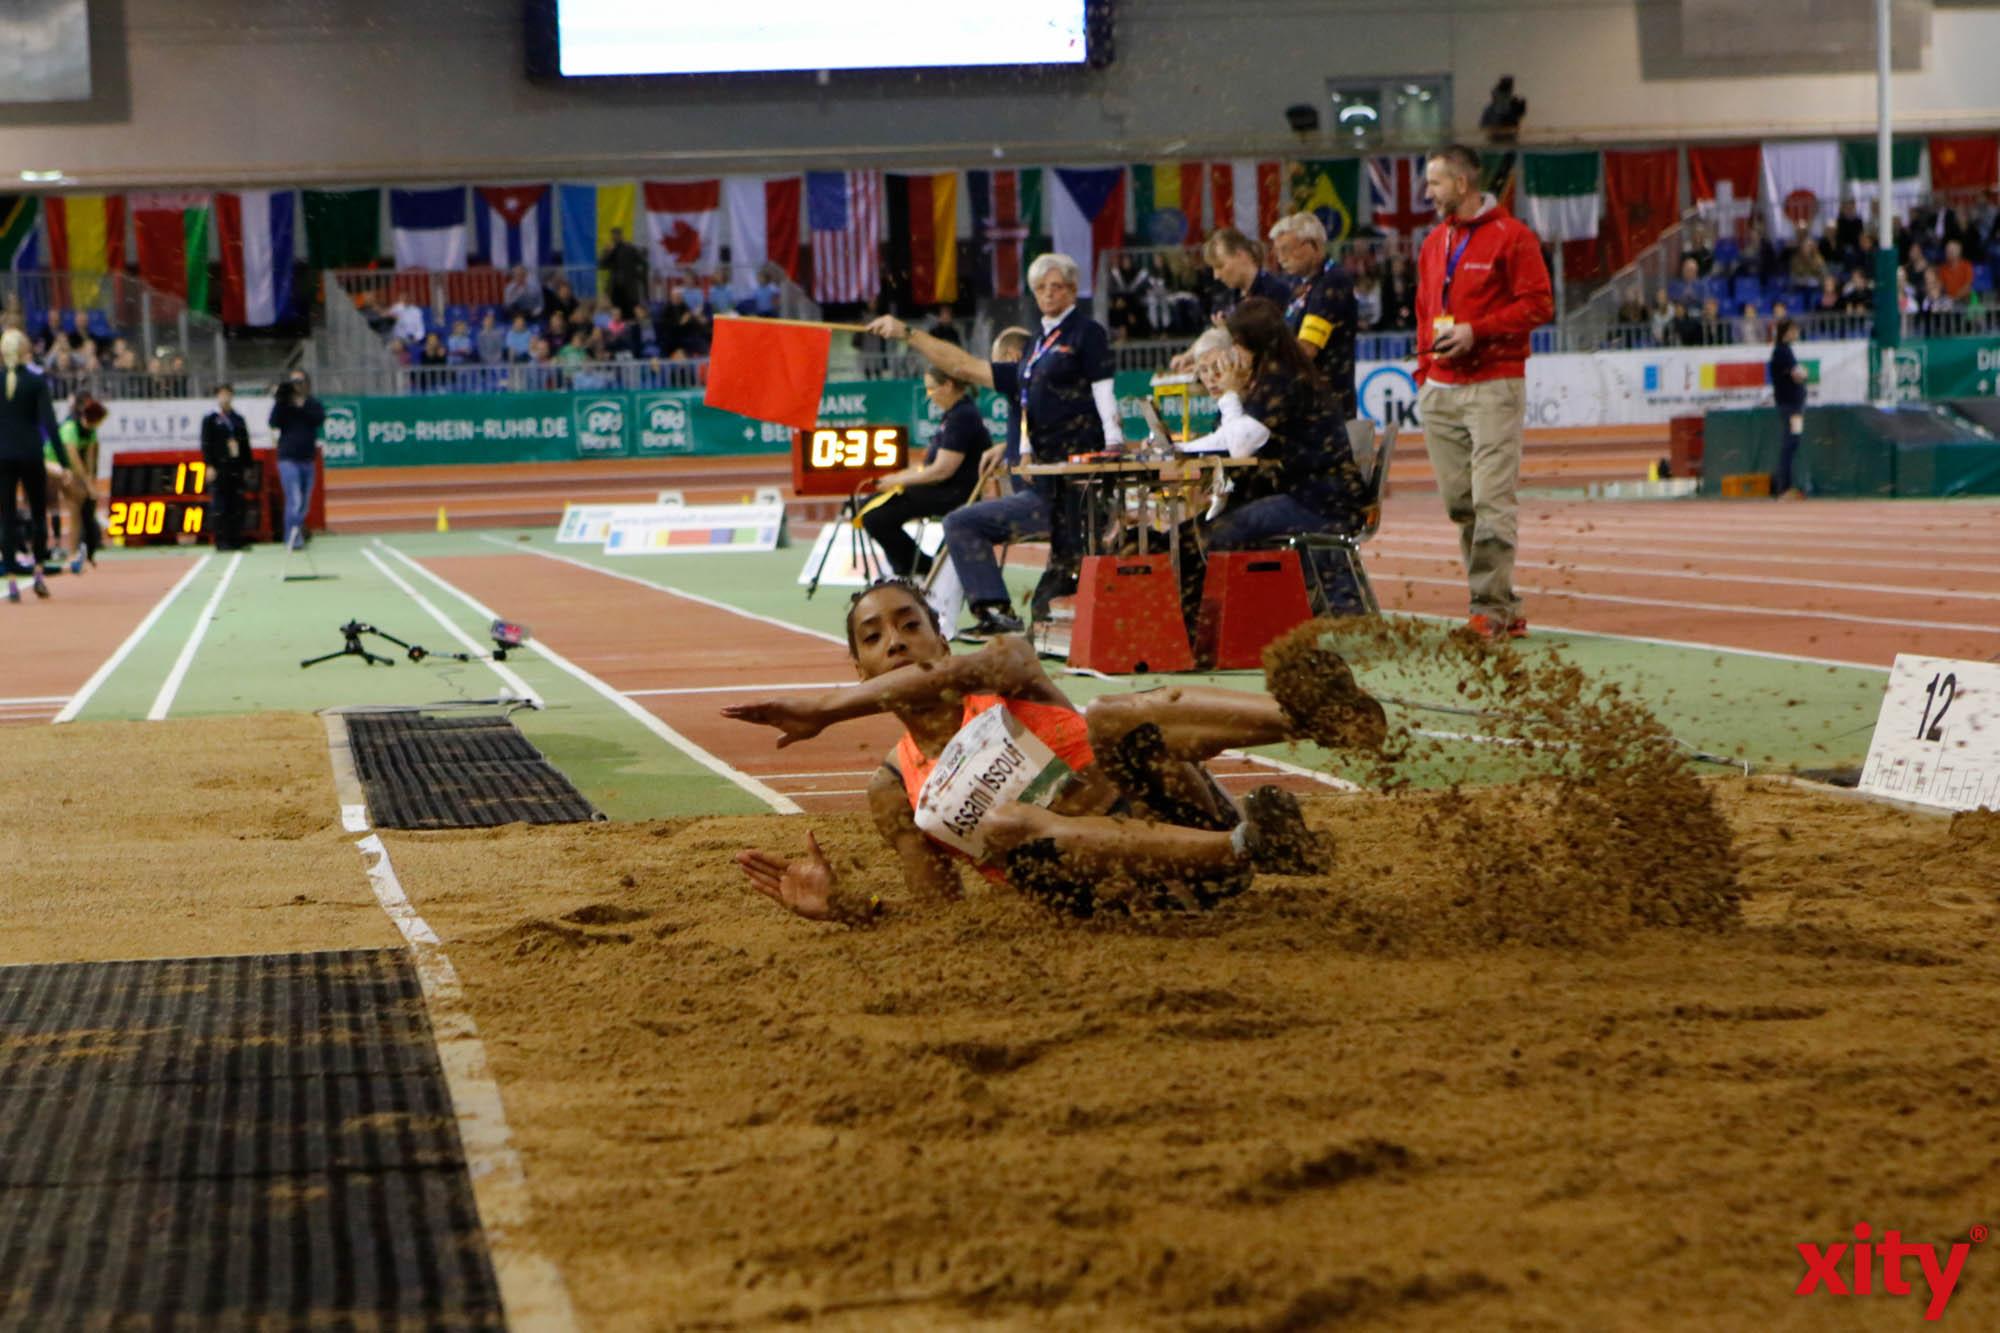 Die Dresdnerin Jenny Elbe setzte direkt zu Beginn ein Ausrufezeichen. Sie sprang mit 14,12 Metern persönliche Bestleistung und gewann damit souverän den Dreisprung der Frauen. (Foto: xity)